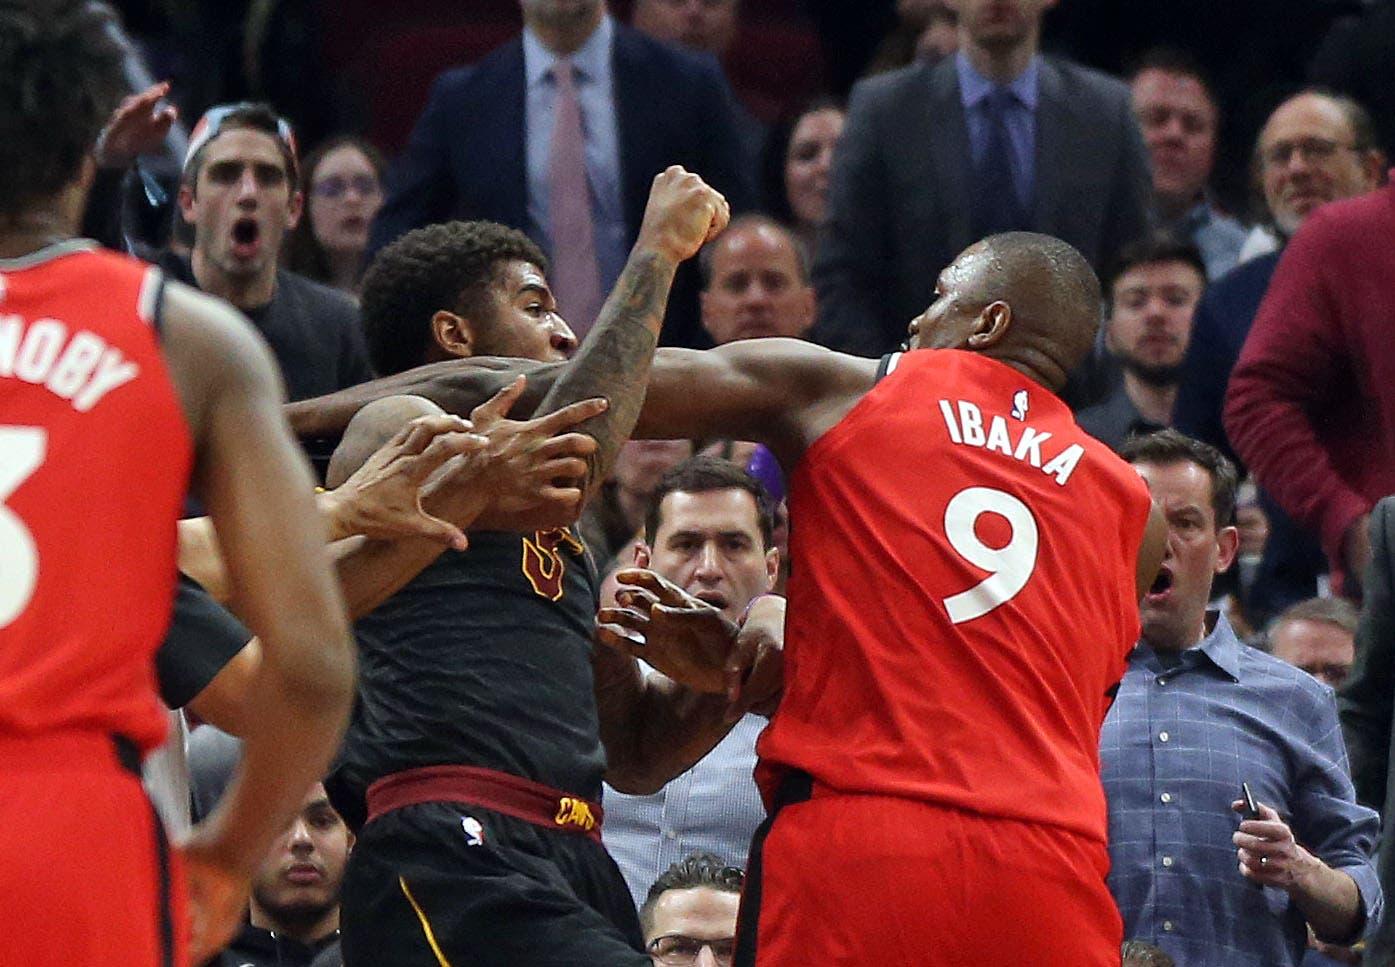 Ibaka y Marquese se enfrentan durante partido de la NBA.